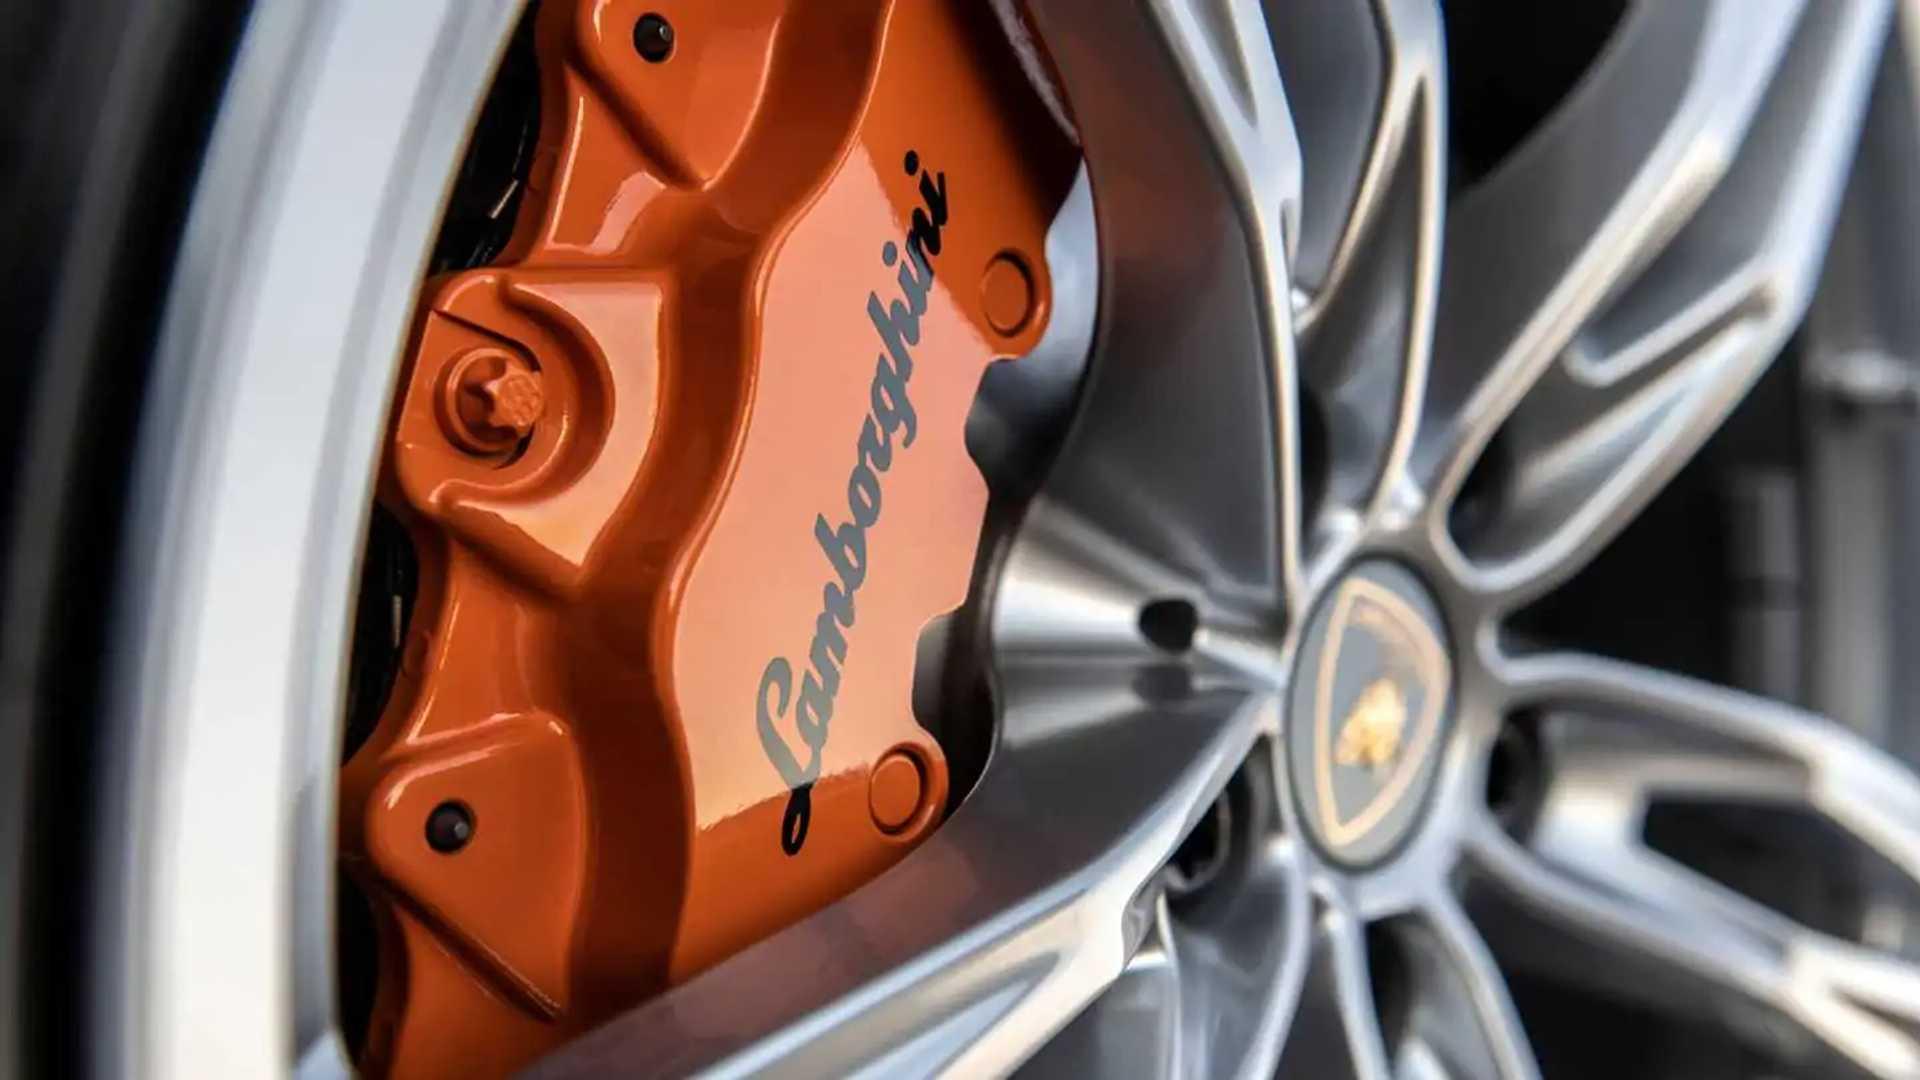 2020 Lamborghini Huracan Evo RWD brake caliper